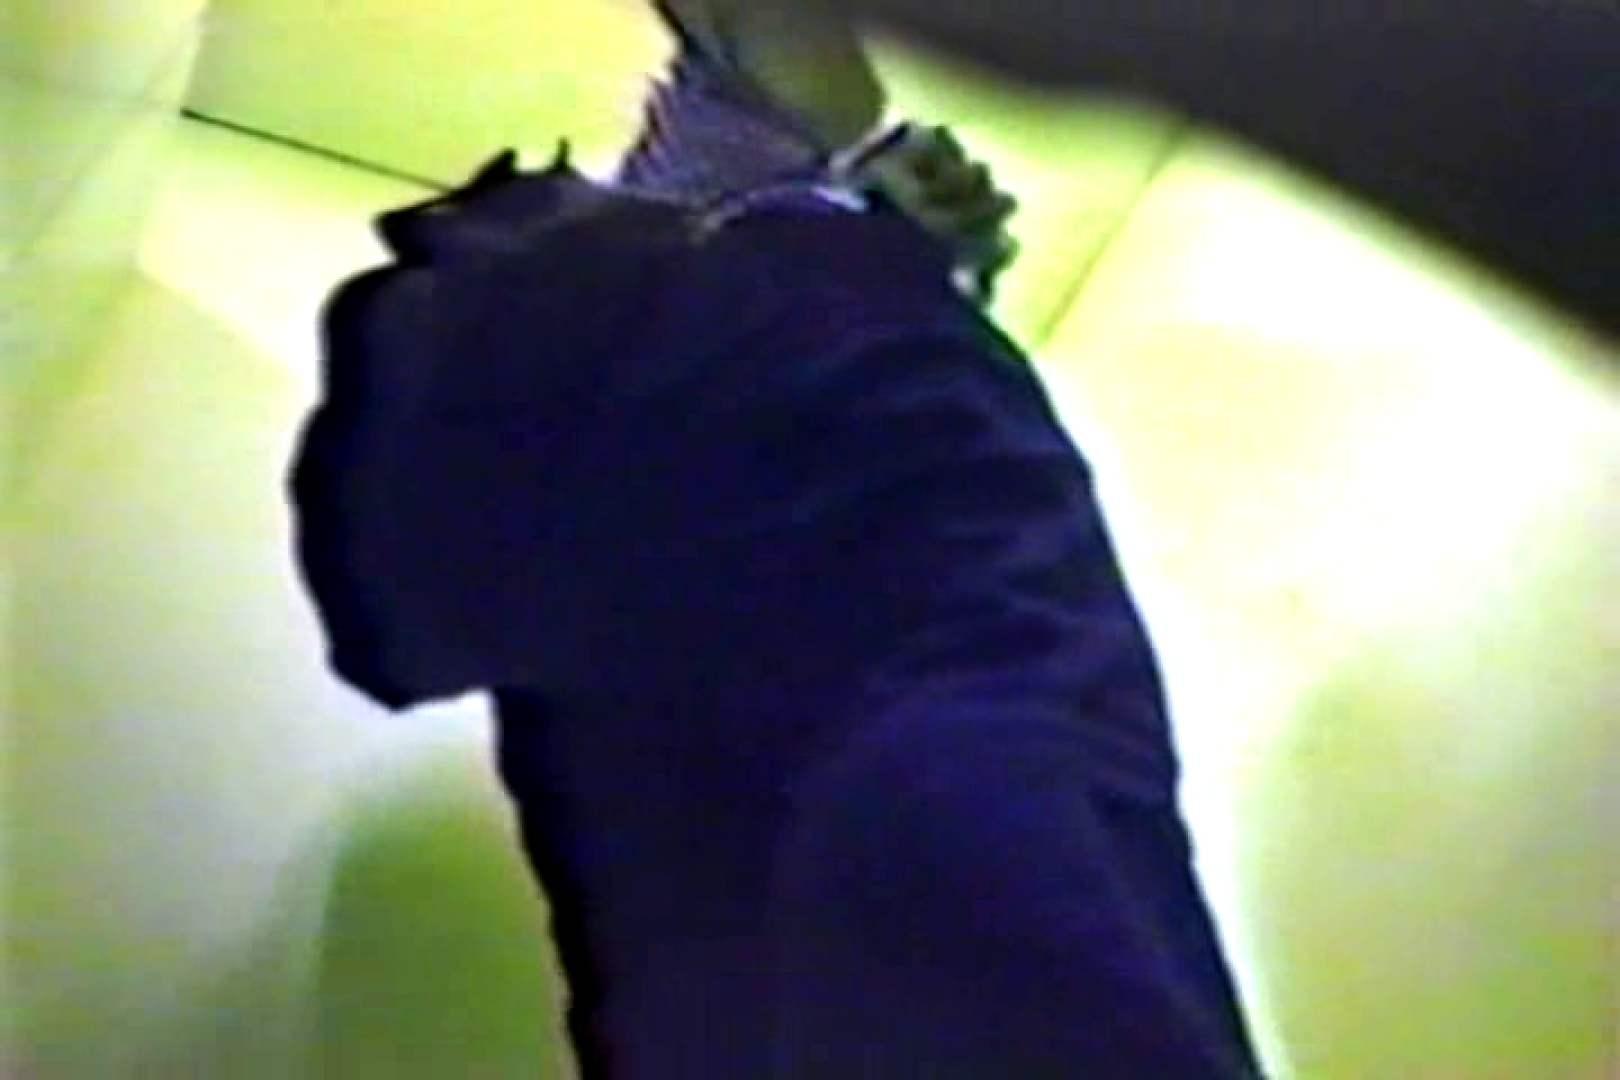 個室狂いのマニア映像Vol.1 エロティックなOL われめAV動画紹介 95画像 14